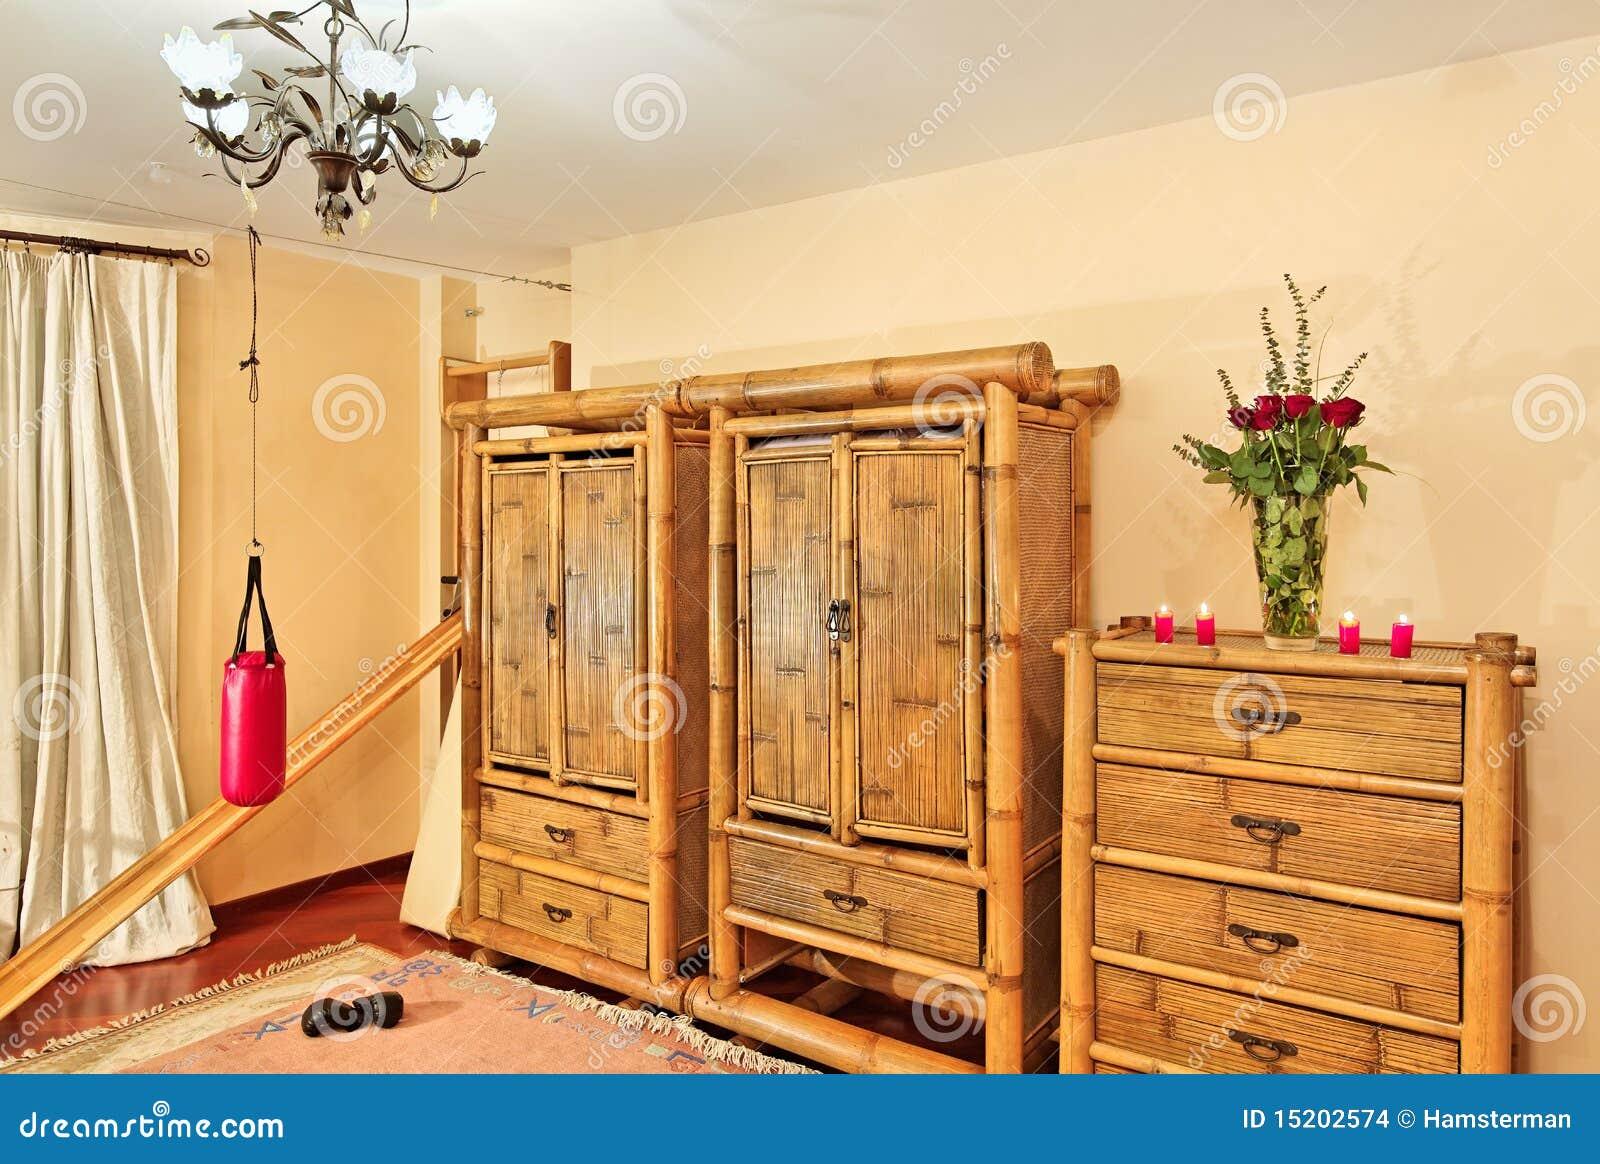 Muebles de bamb tnicos imagenes de archivo imagen - Muebles en bambu ...